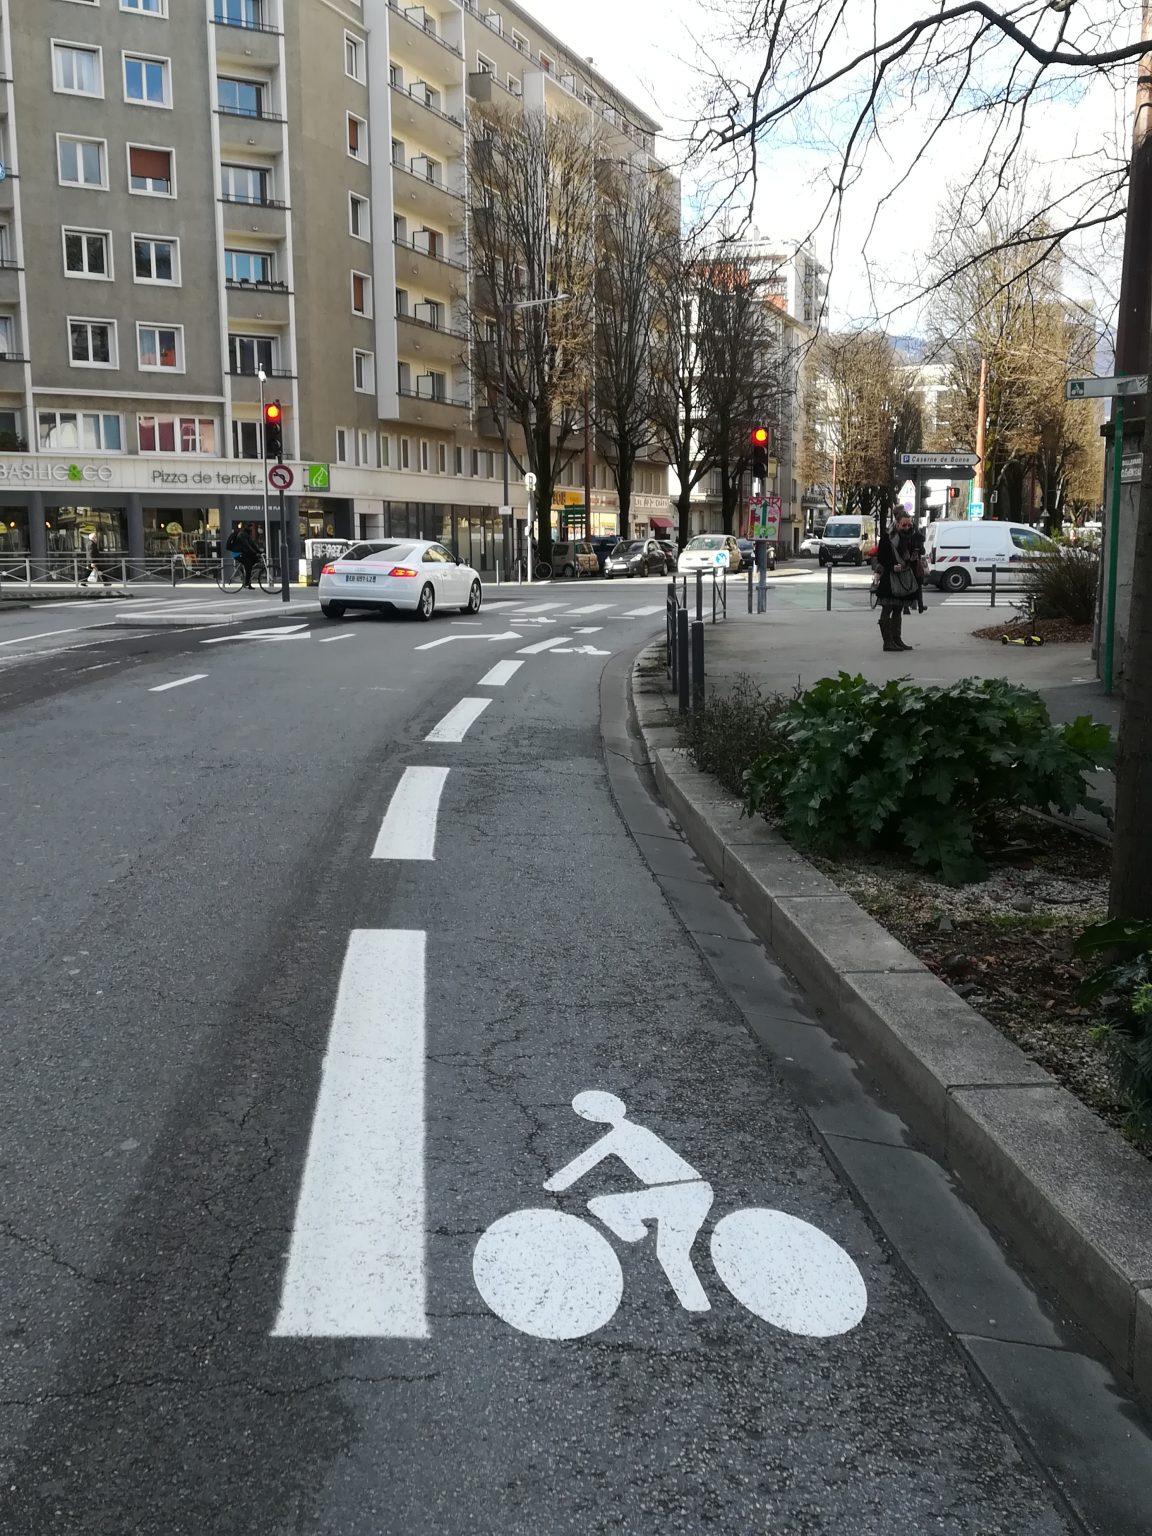 Un Debut De Piste Cyclable Sur Le Boulevard Clemenceau Uhqeb Grenoble